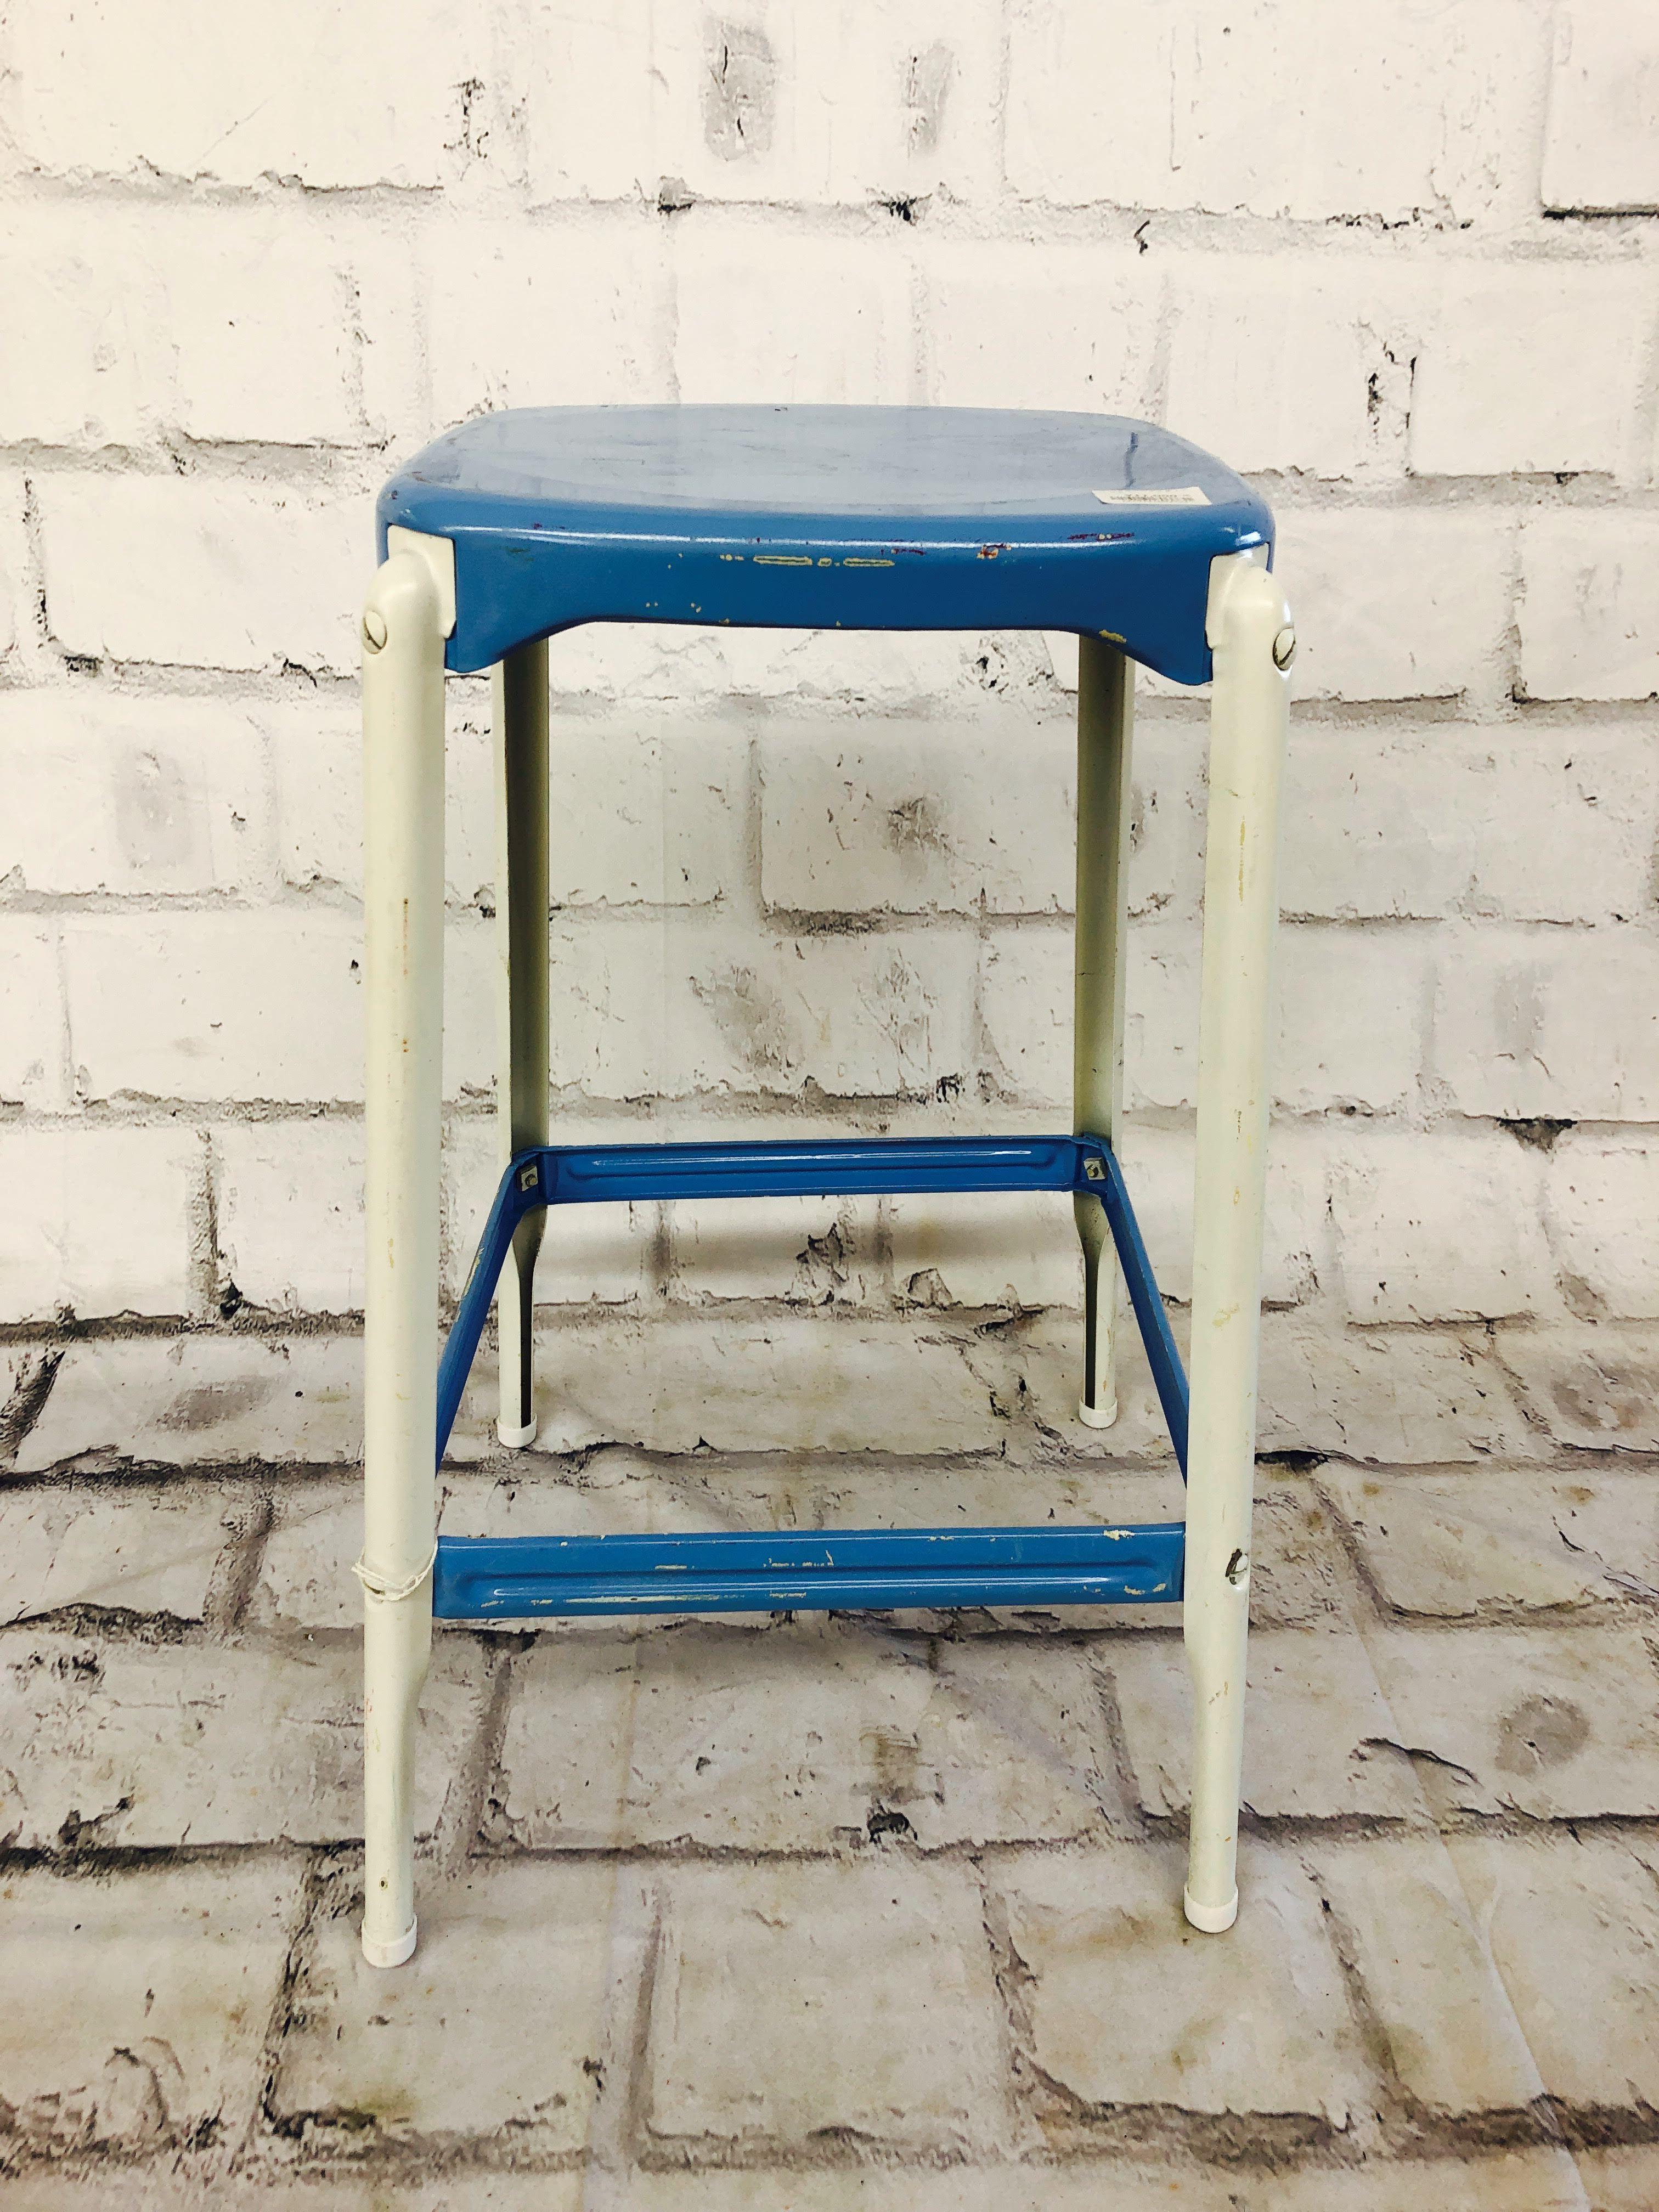 品番3731 インダストリアルスツール チェア スクエア ブルー&ホワイト 椅子 インテリア ディスプレイ ヴィンテージ